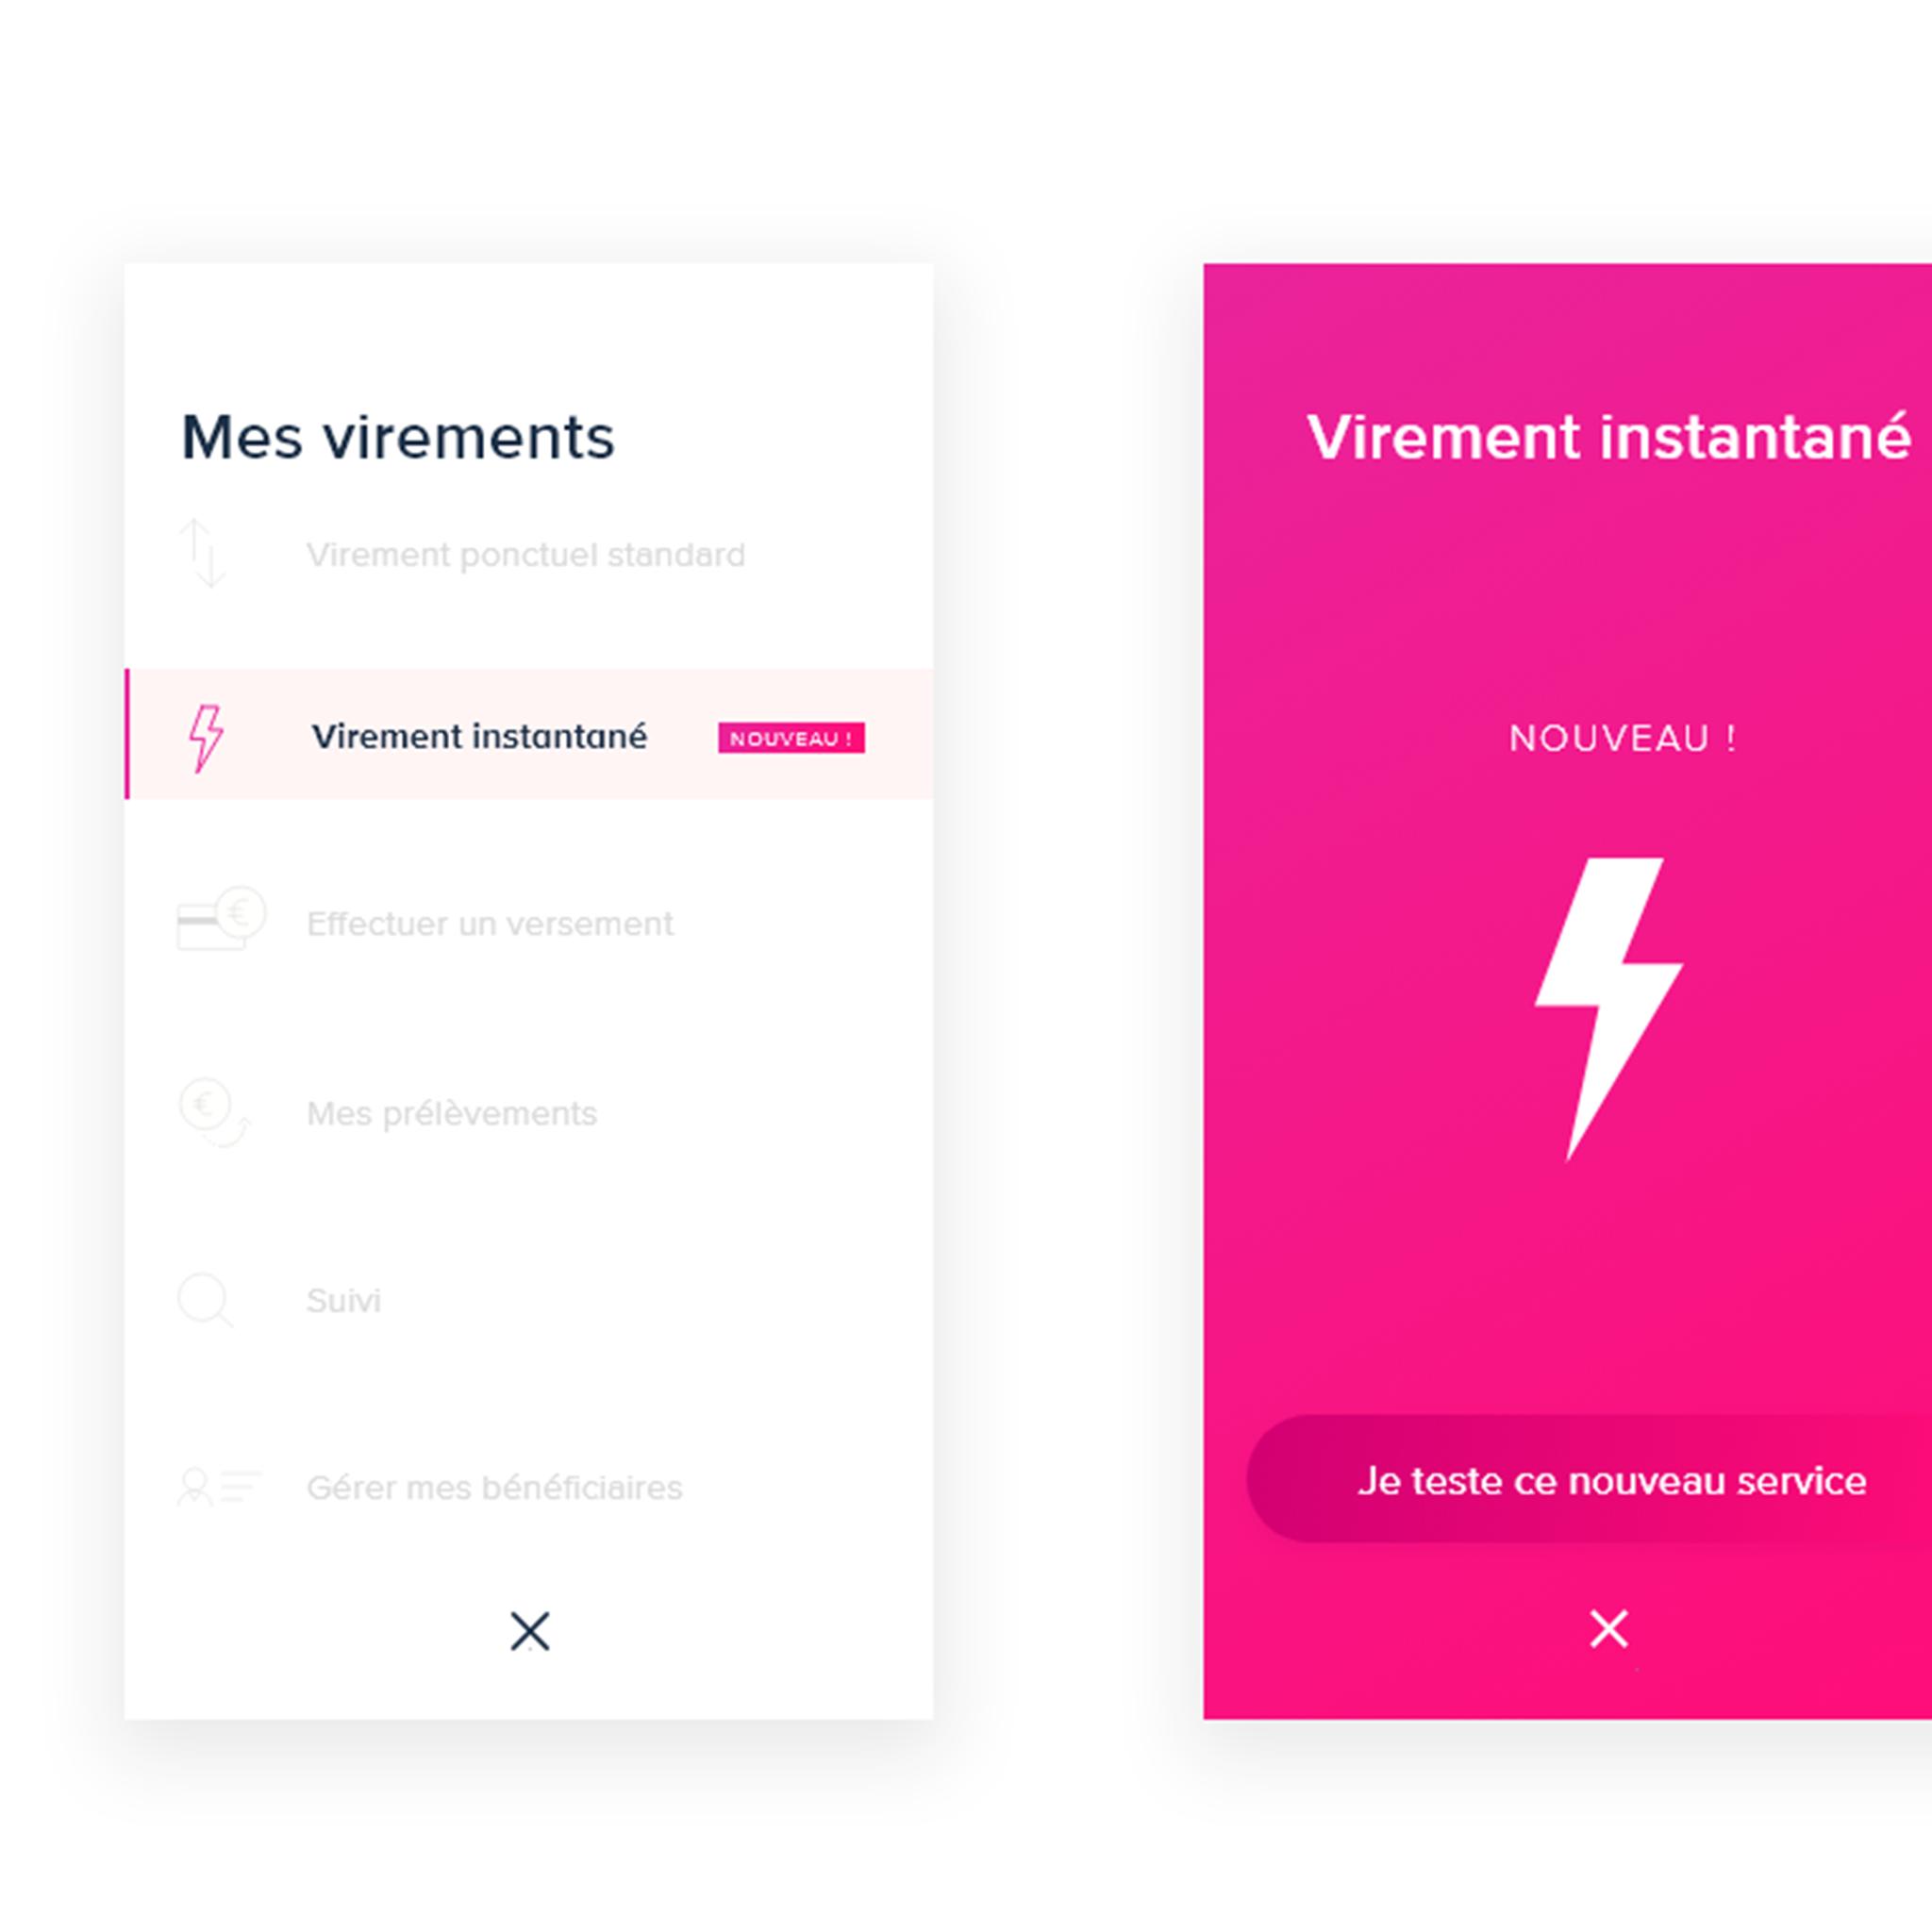 VIREMENT INSTANTANE / UI / UX